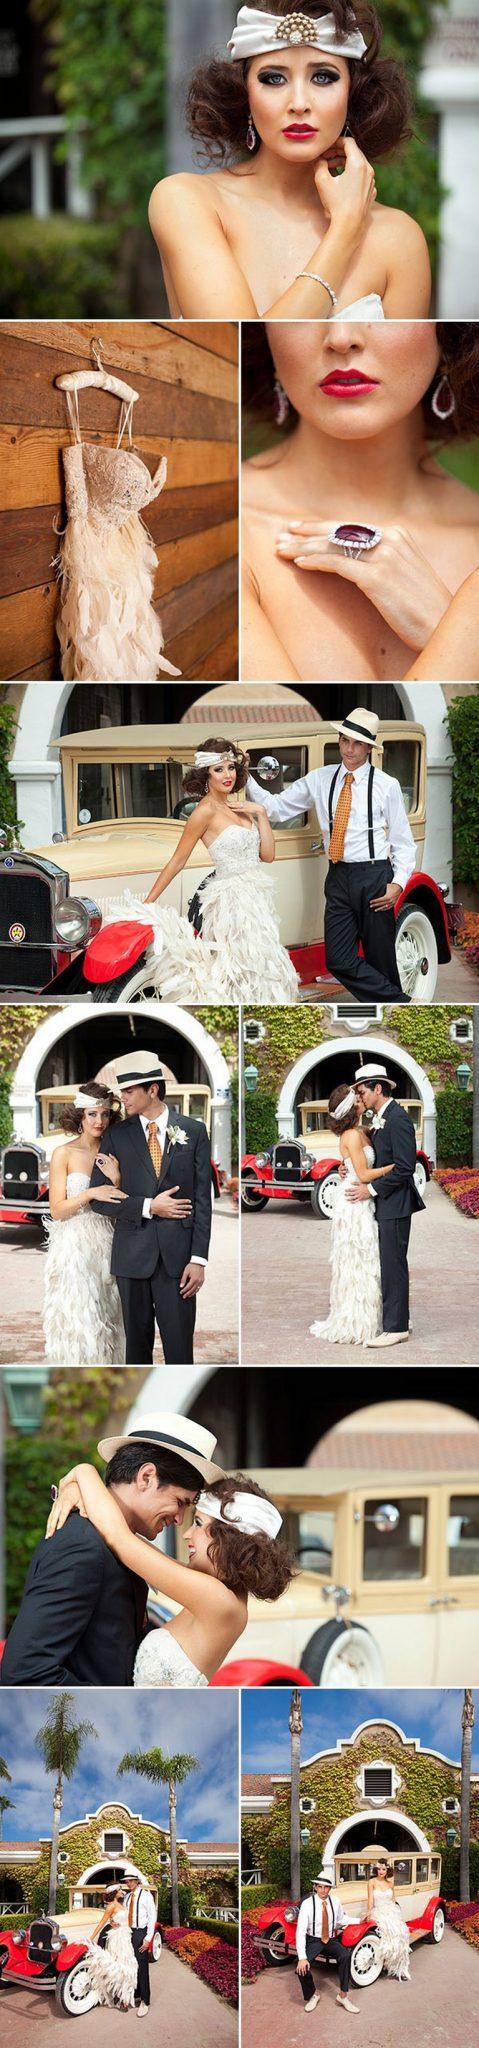 best ideas for s party theme dresses decor concept wedding